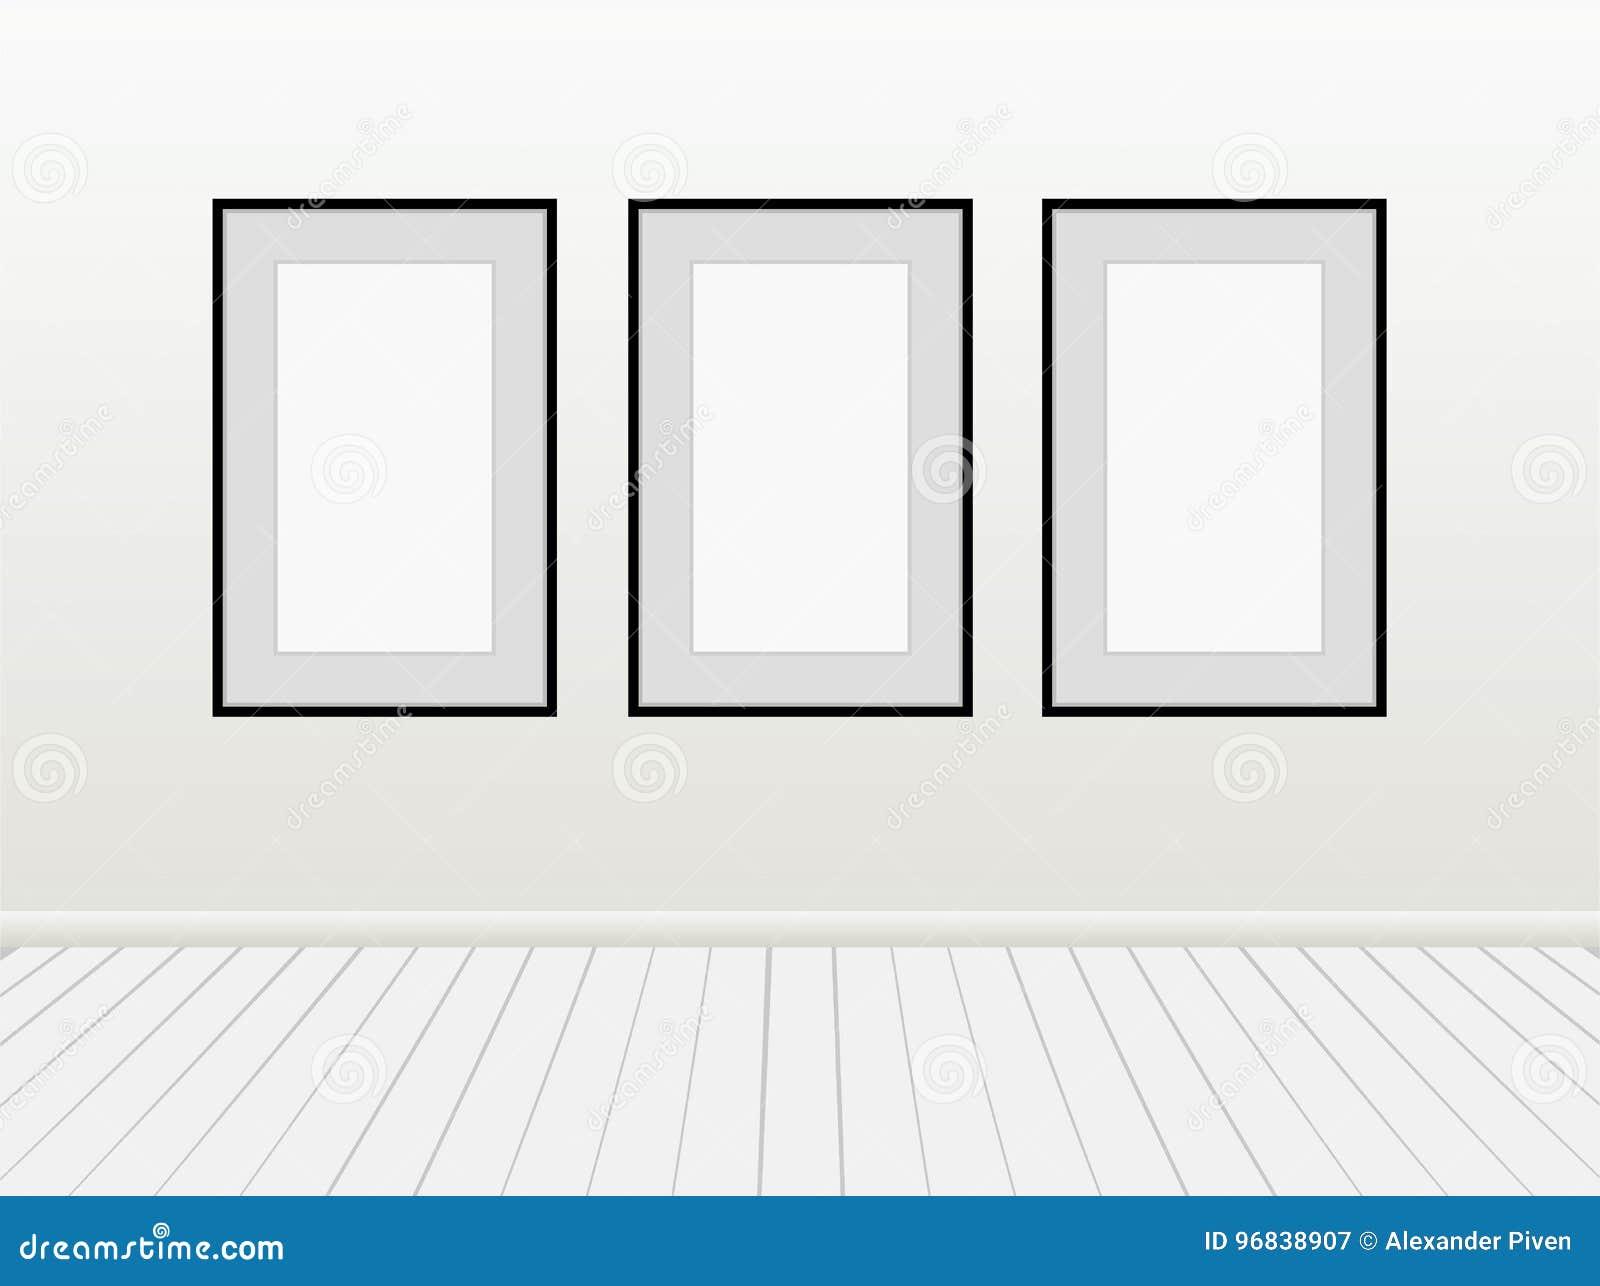 Mofa en blanco vacía del blanco de tres vectores encima de marcos del negro de imágenes de los carteles en una pared